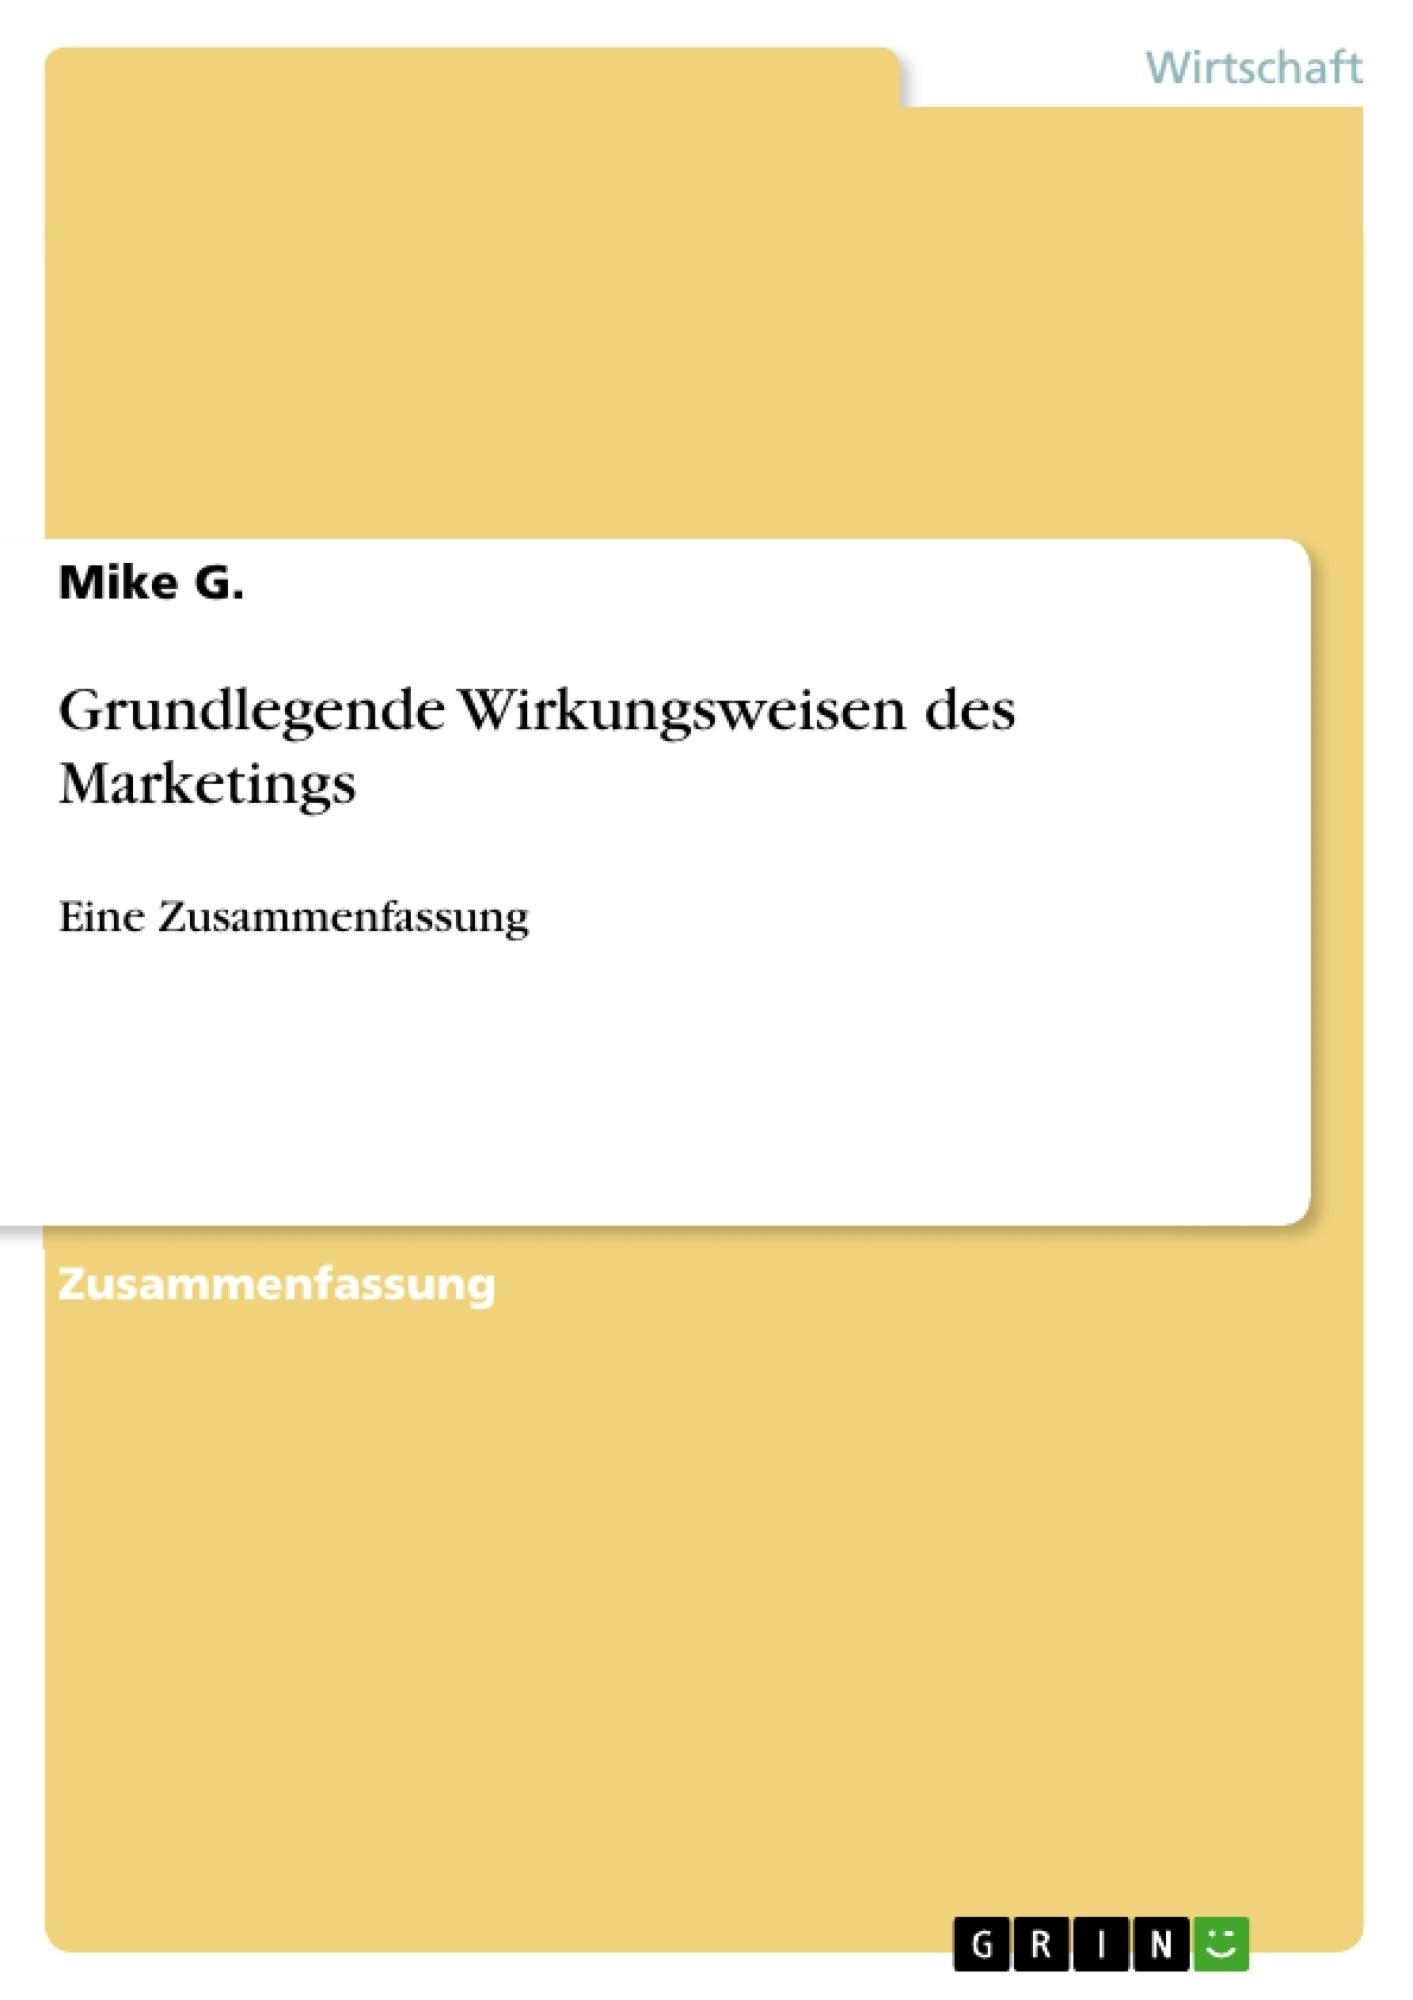 Titel: Grundlegende Wirkungsweisen des Marketings